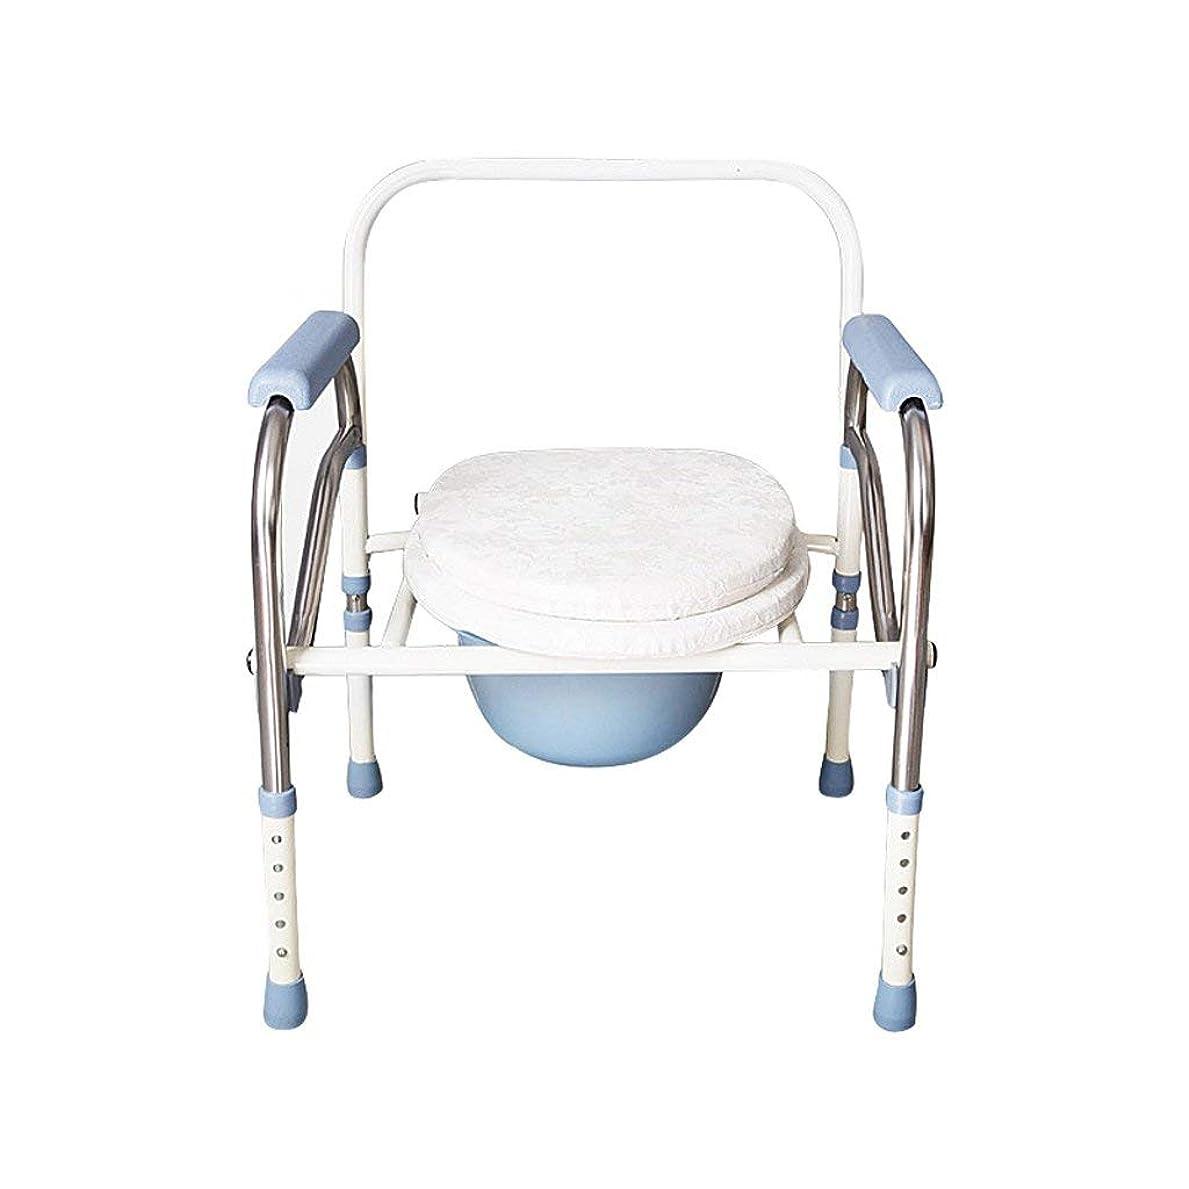 発揮するラブ正義折りたたみ式便座椅子パッド入り便座浴室滑り止め調節可能高さ浴室シャワースツール高齢者/妊婦/身体障害者トイレチェア